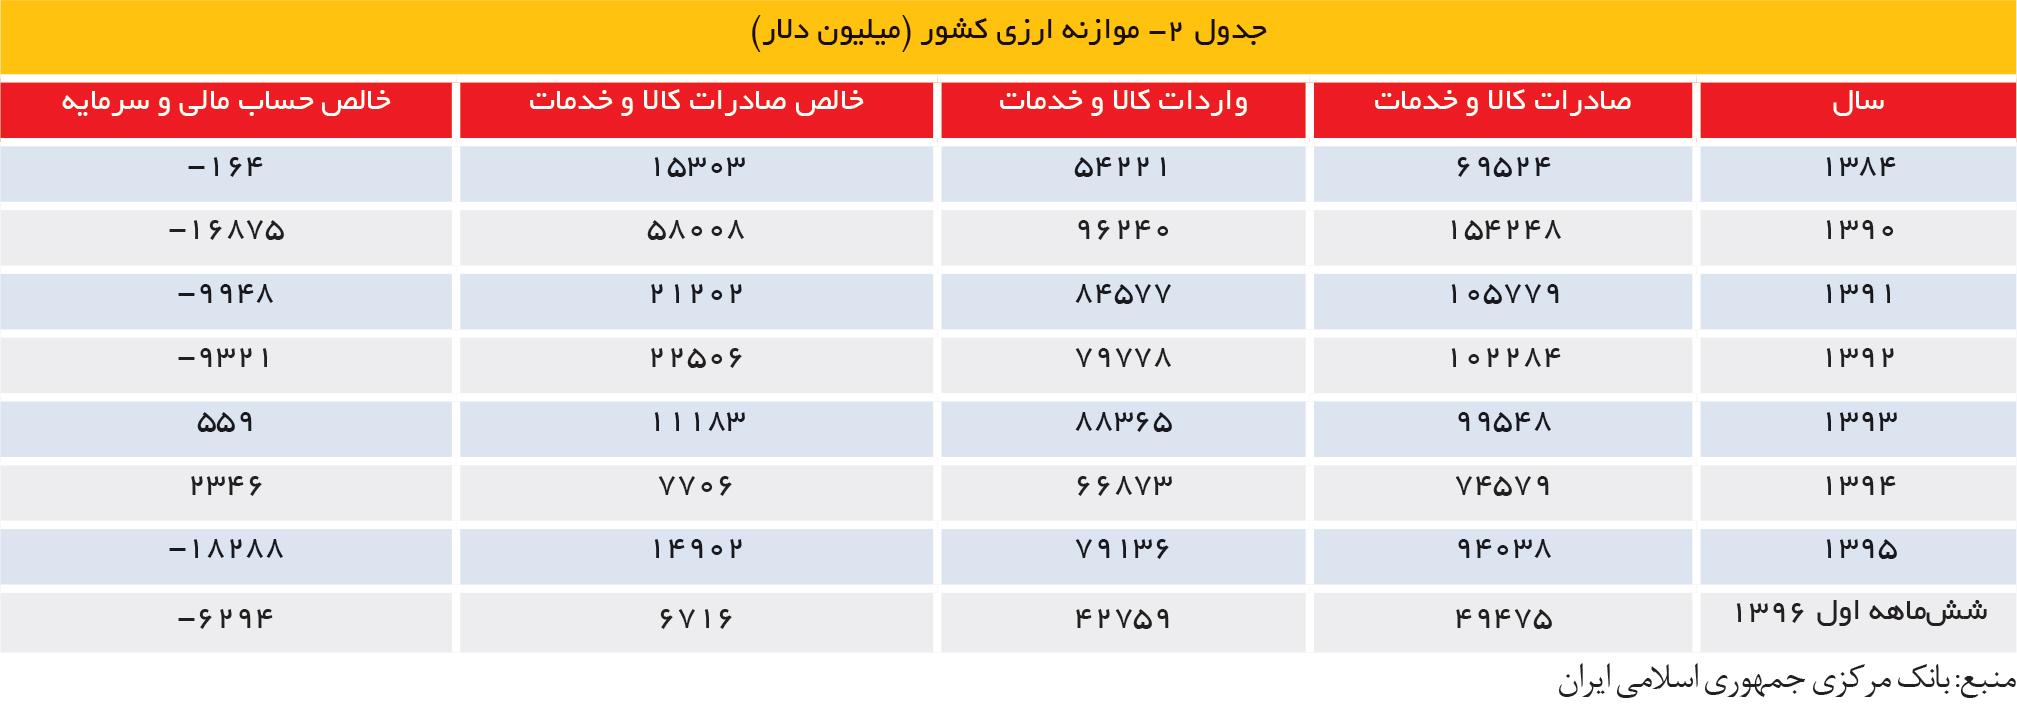 تجارت فردا- جدول 2- موازنه ارزی کشور (میلیون دلار)